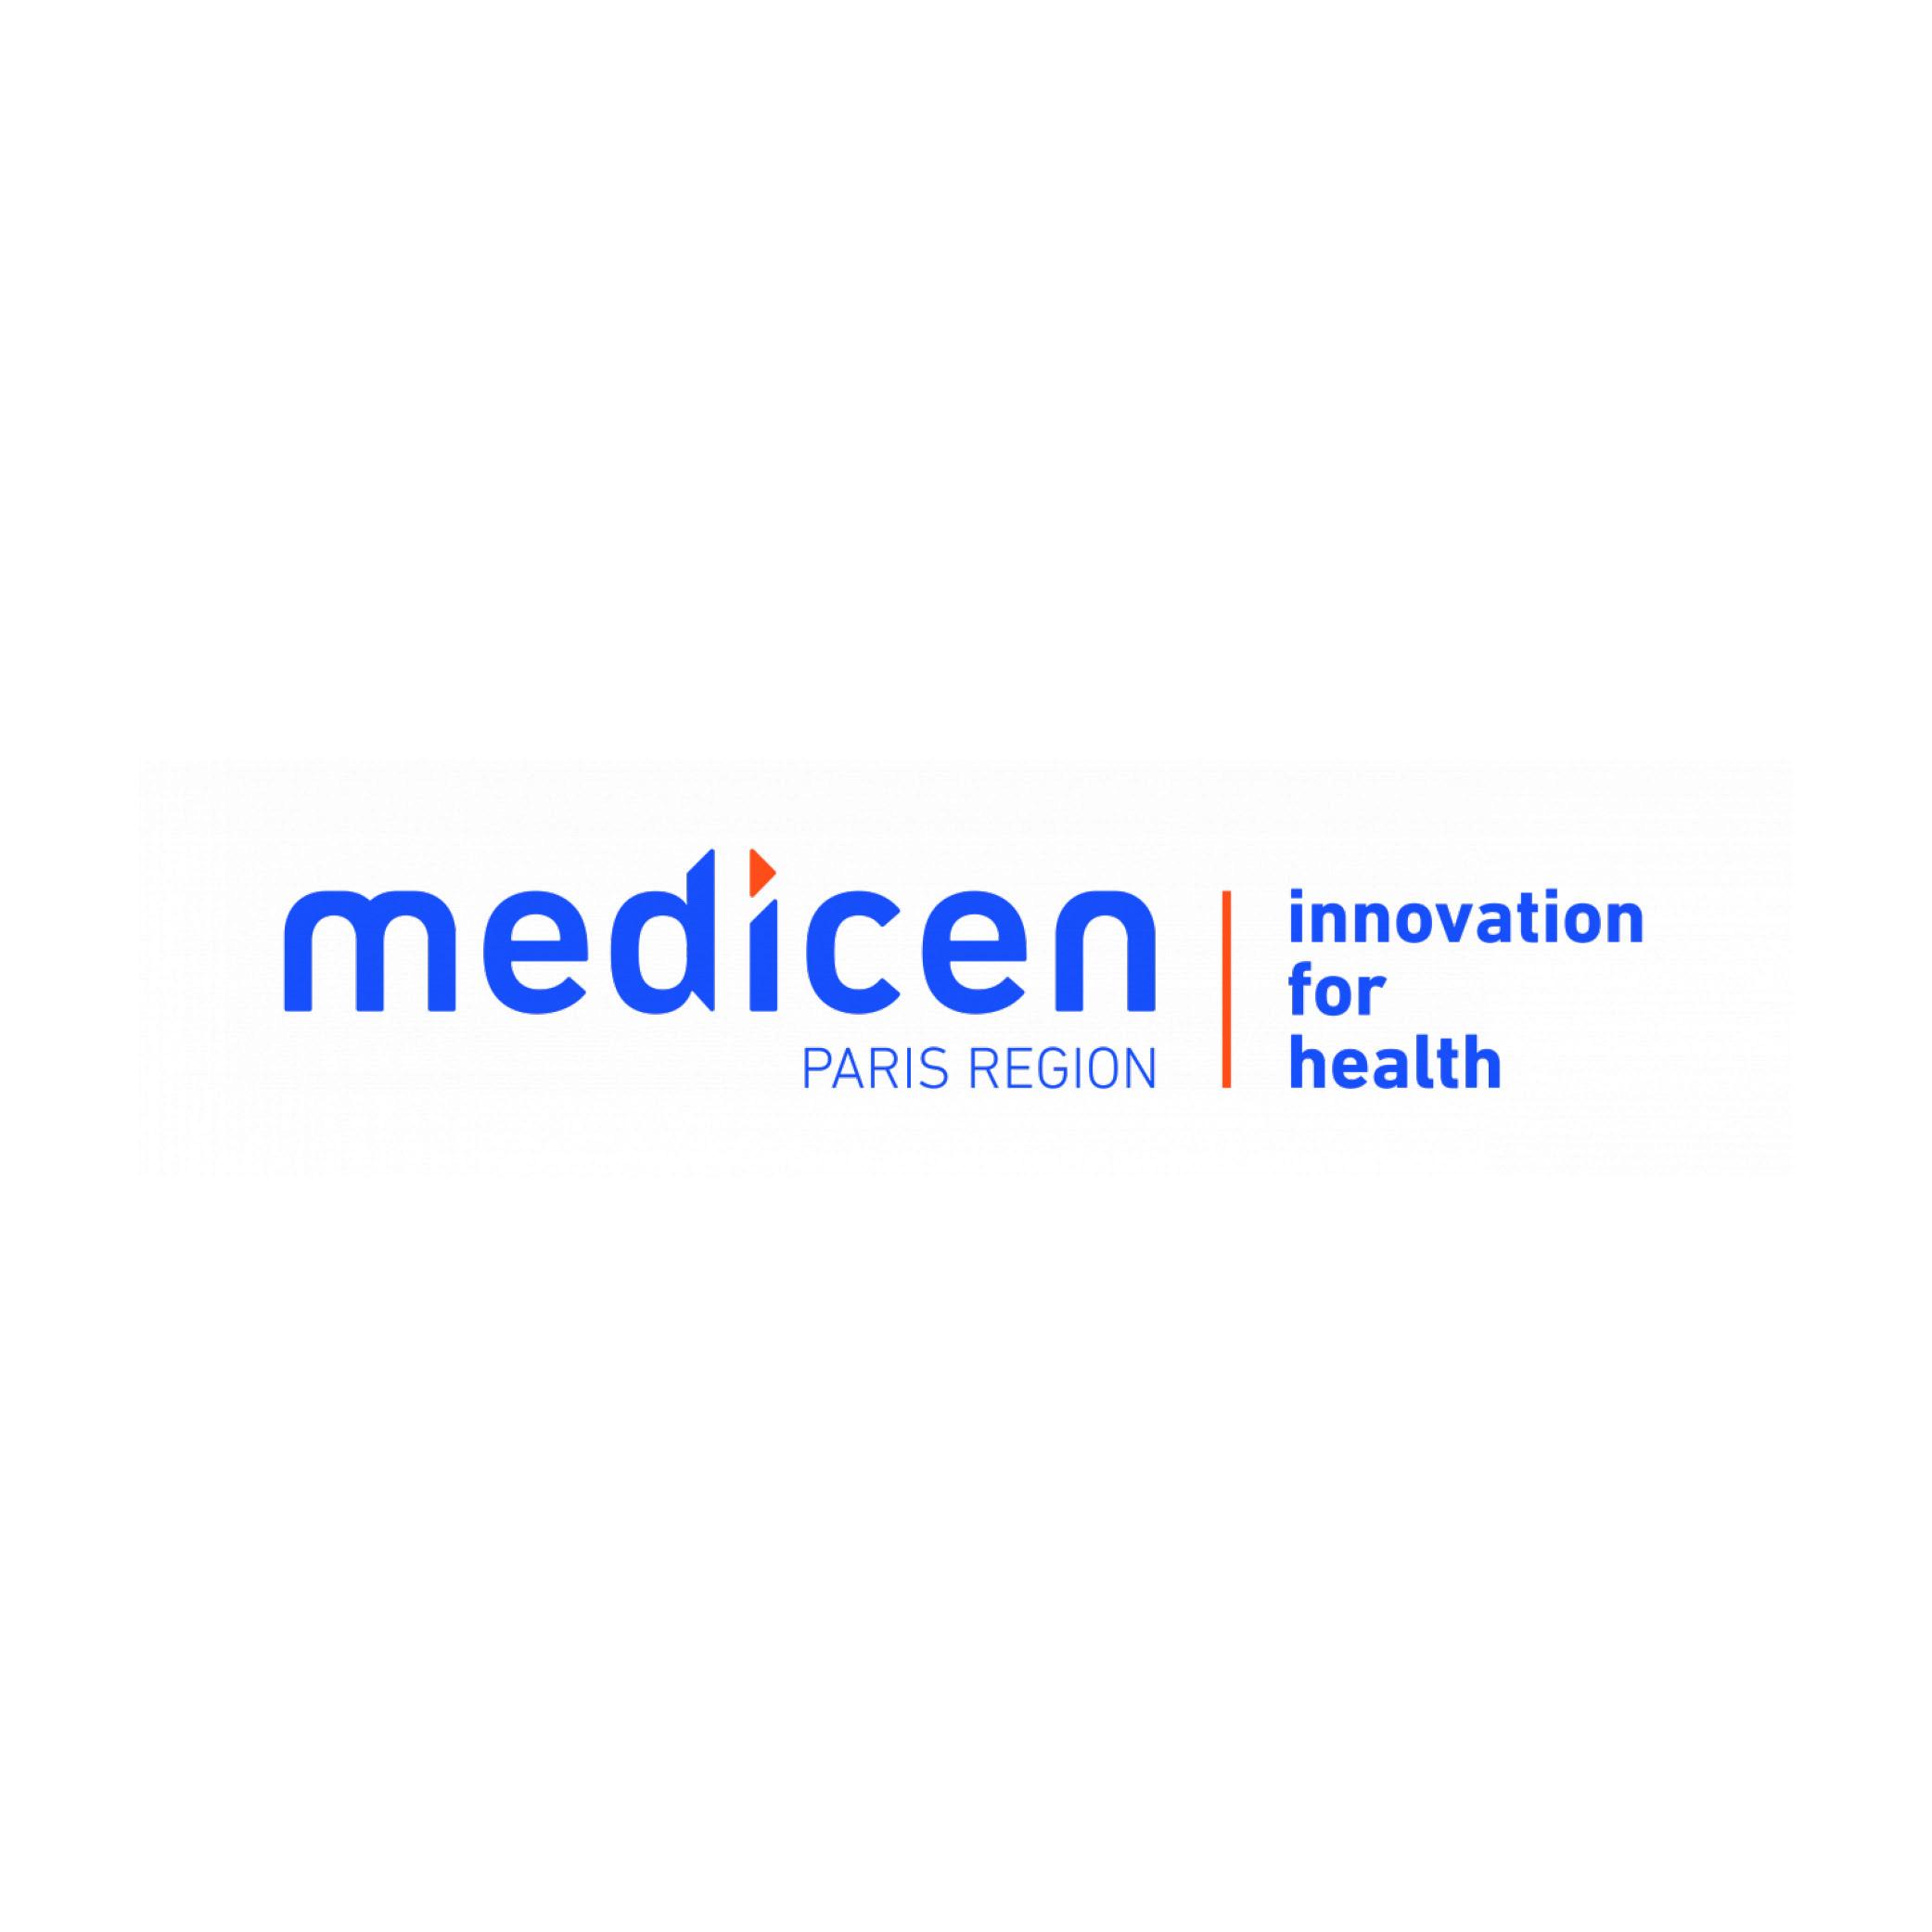 logo medicen